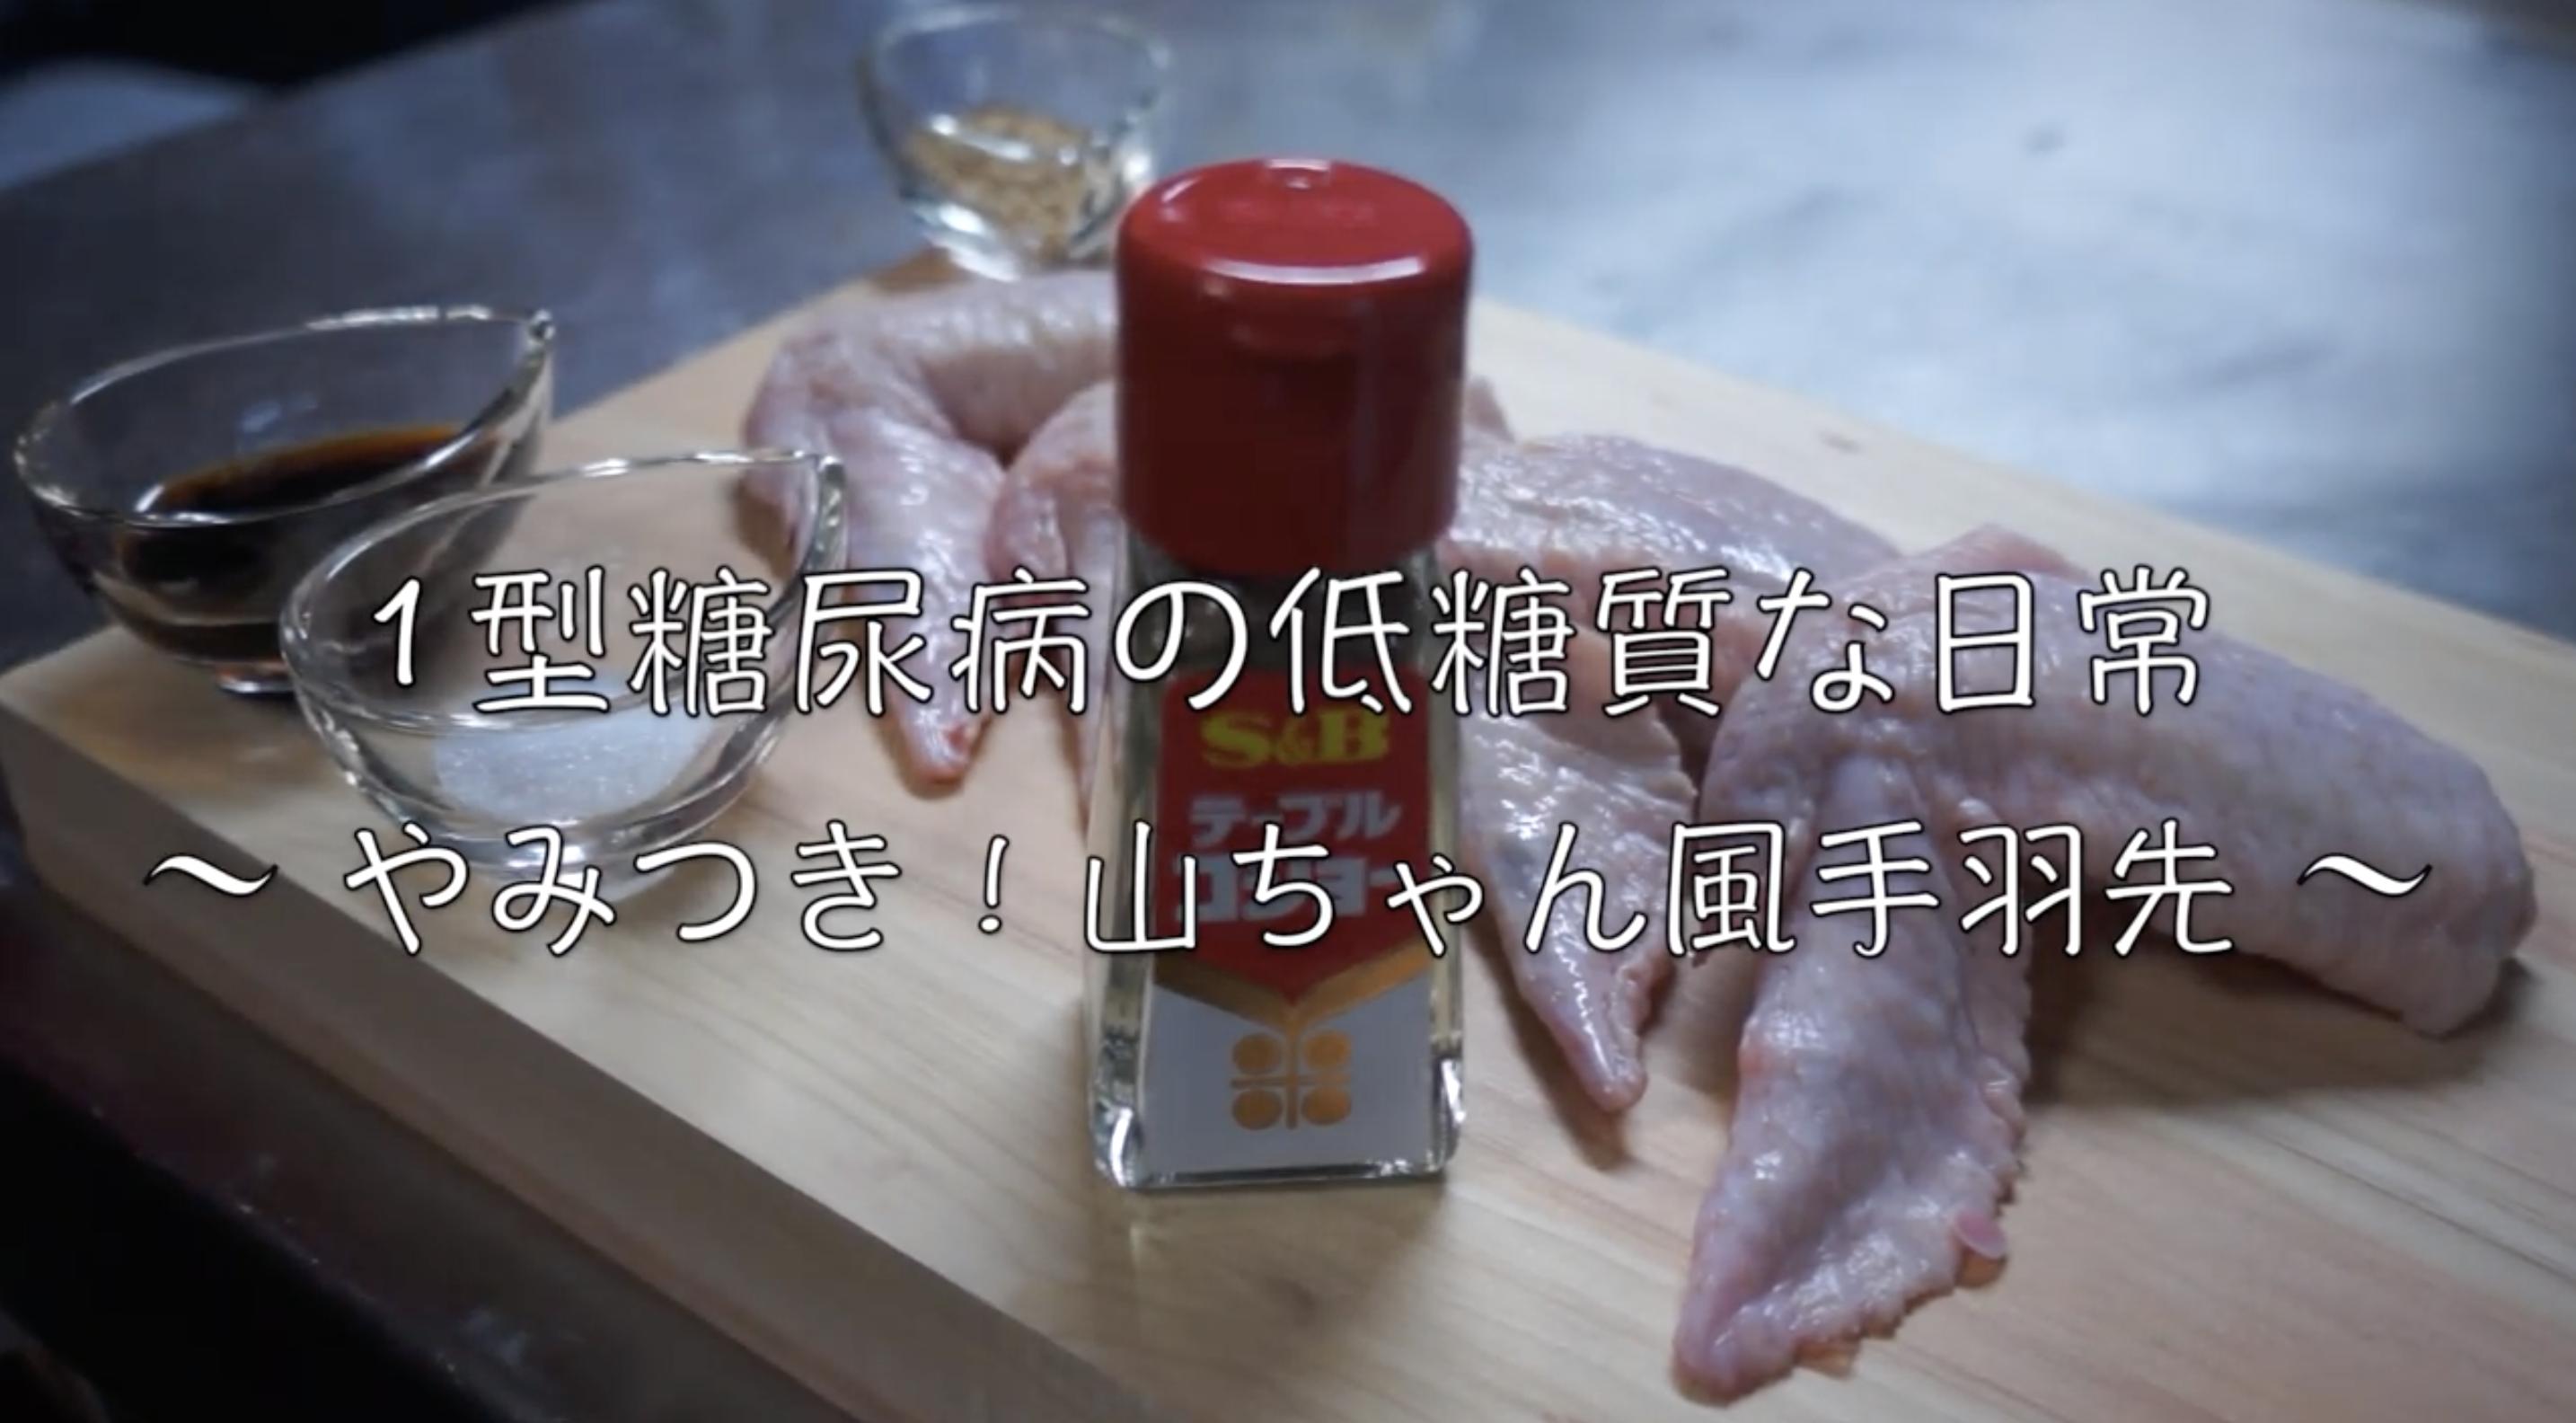 世界の山ちゃん 手羽先 レシピ